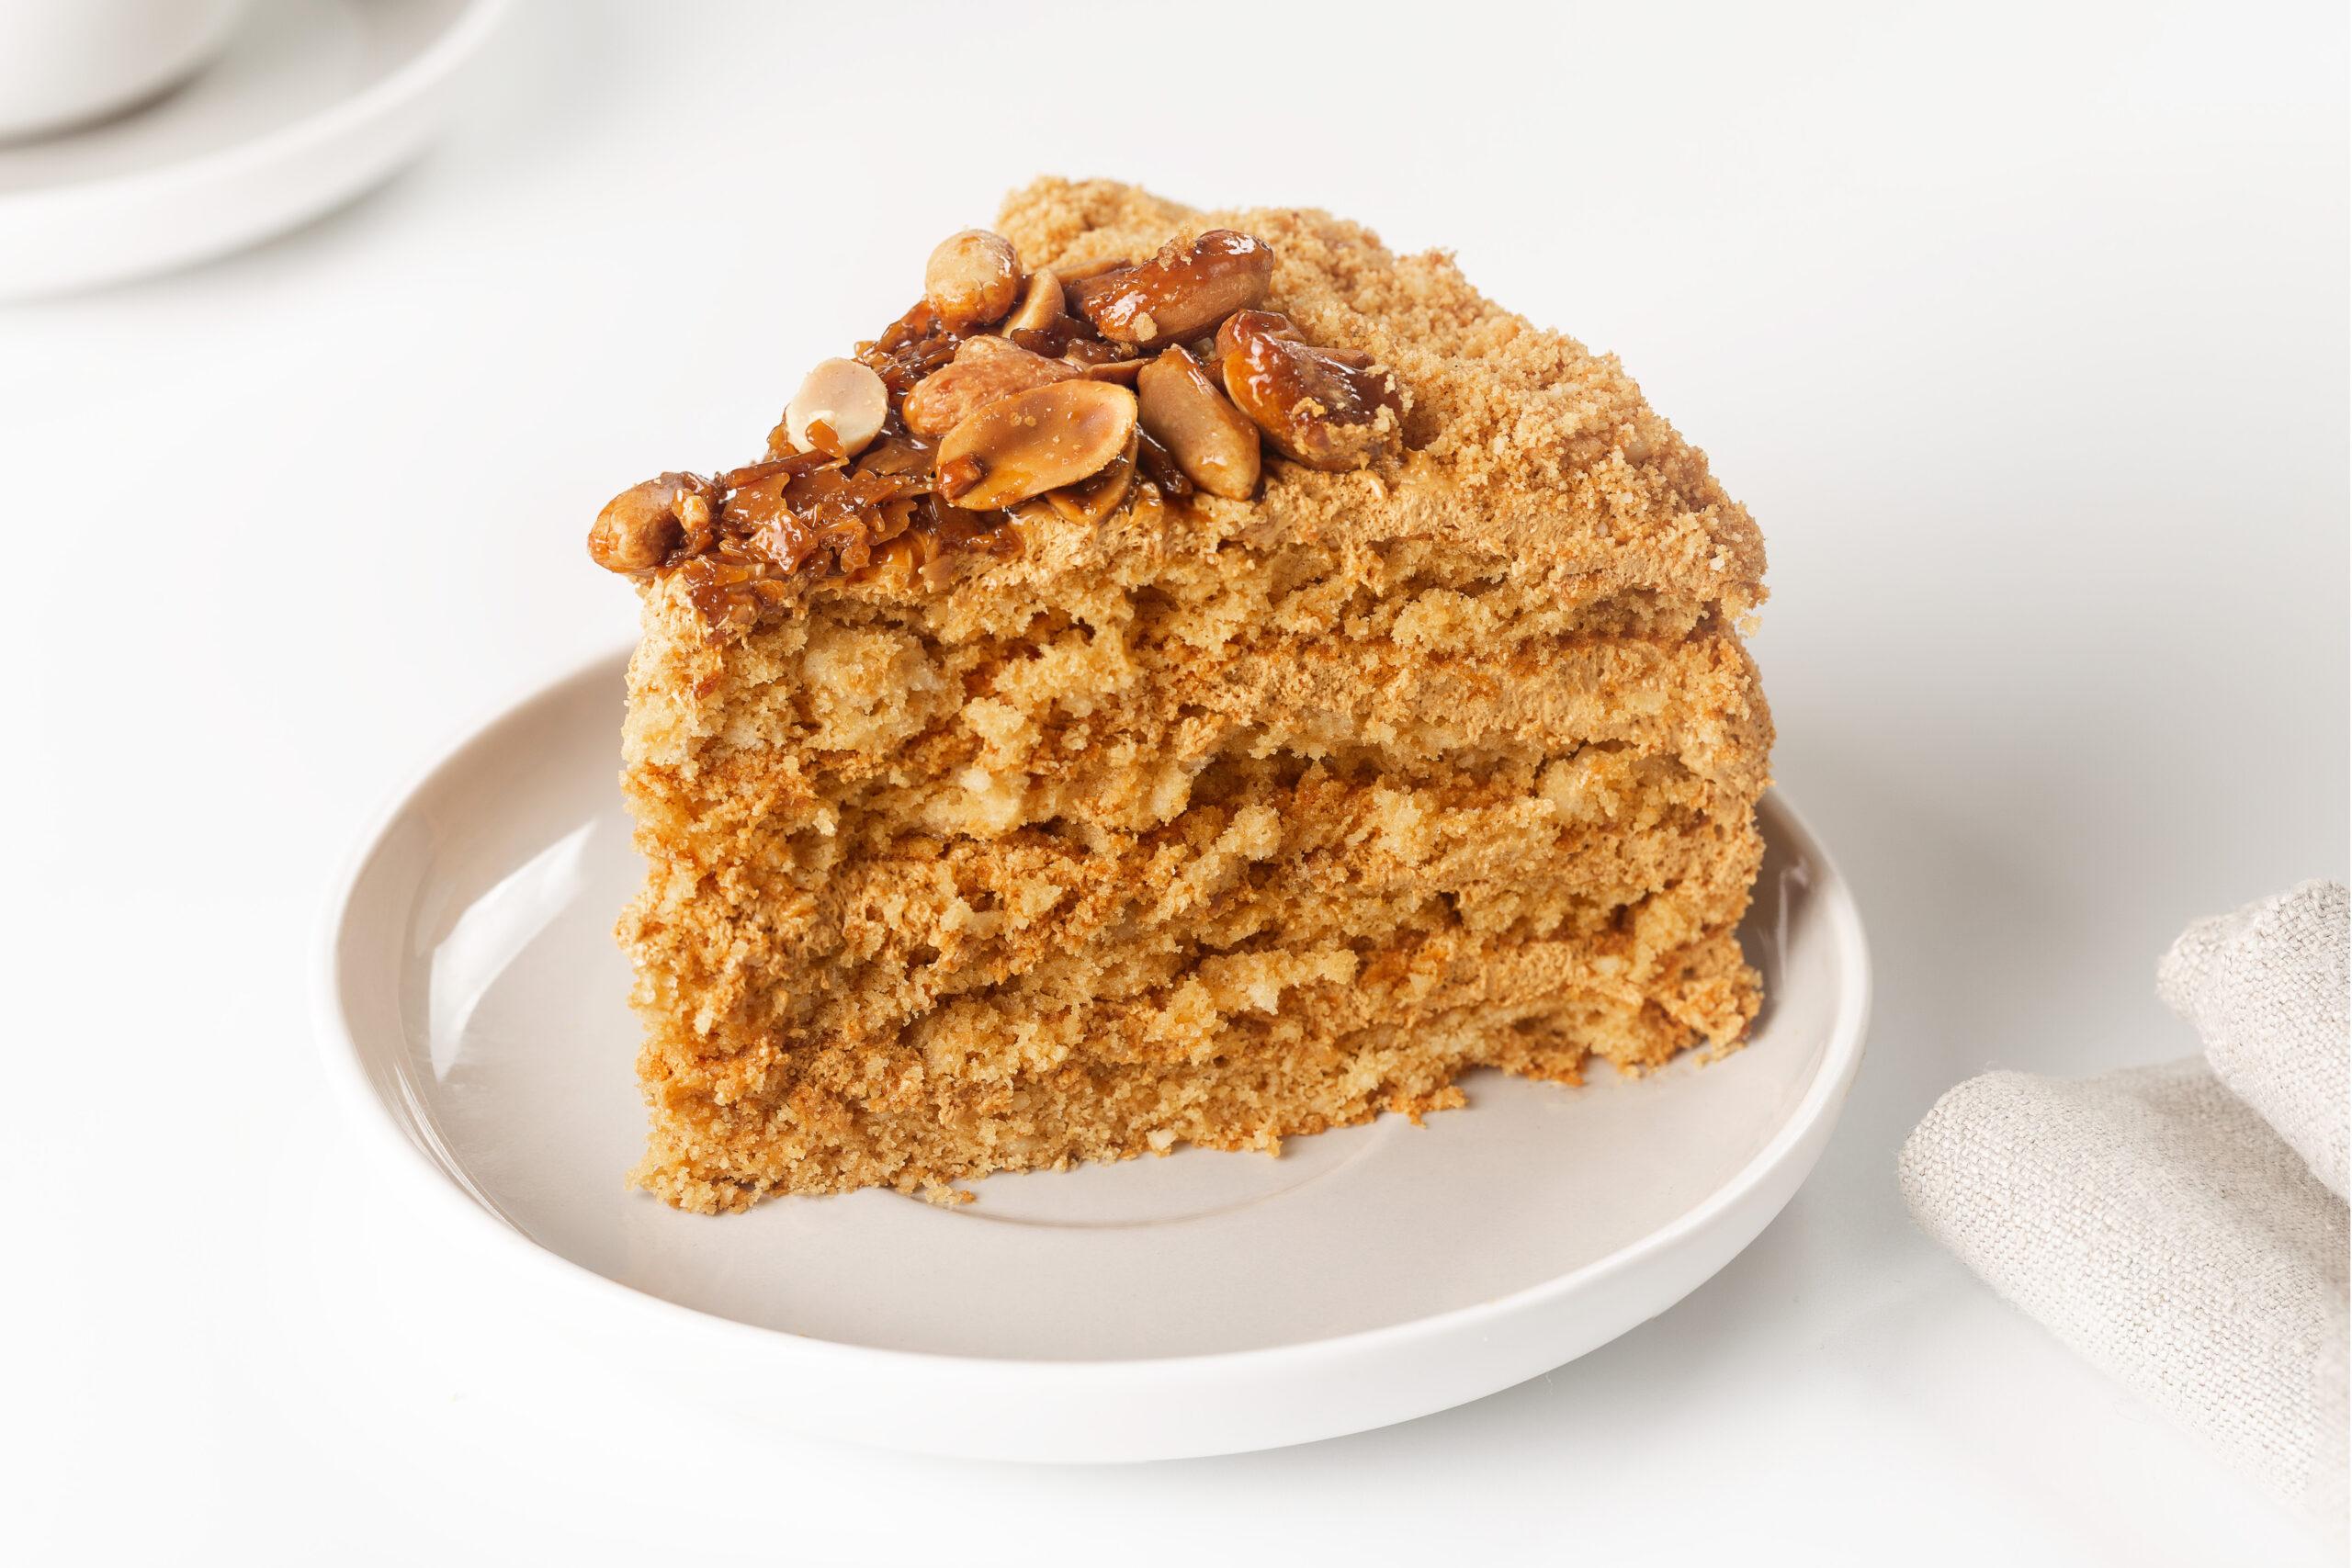 Торт месяца: уютная «Коровка арахисовая» со скидкой весь октябрь